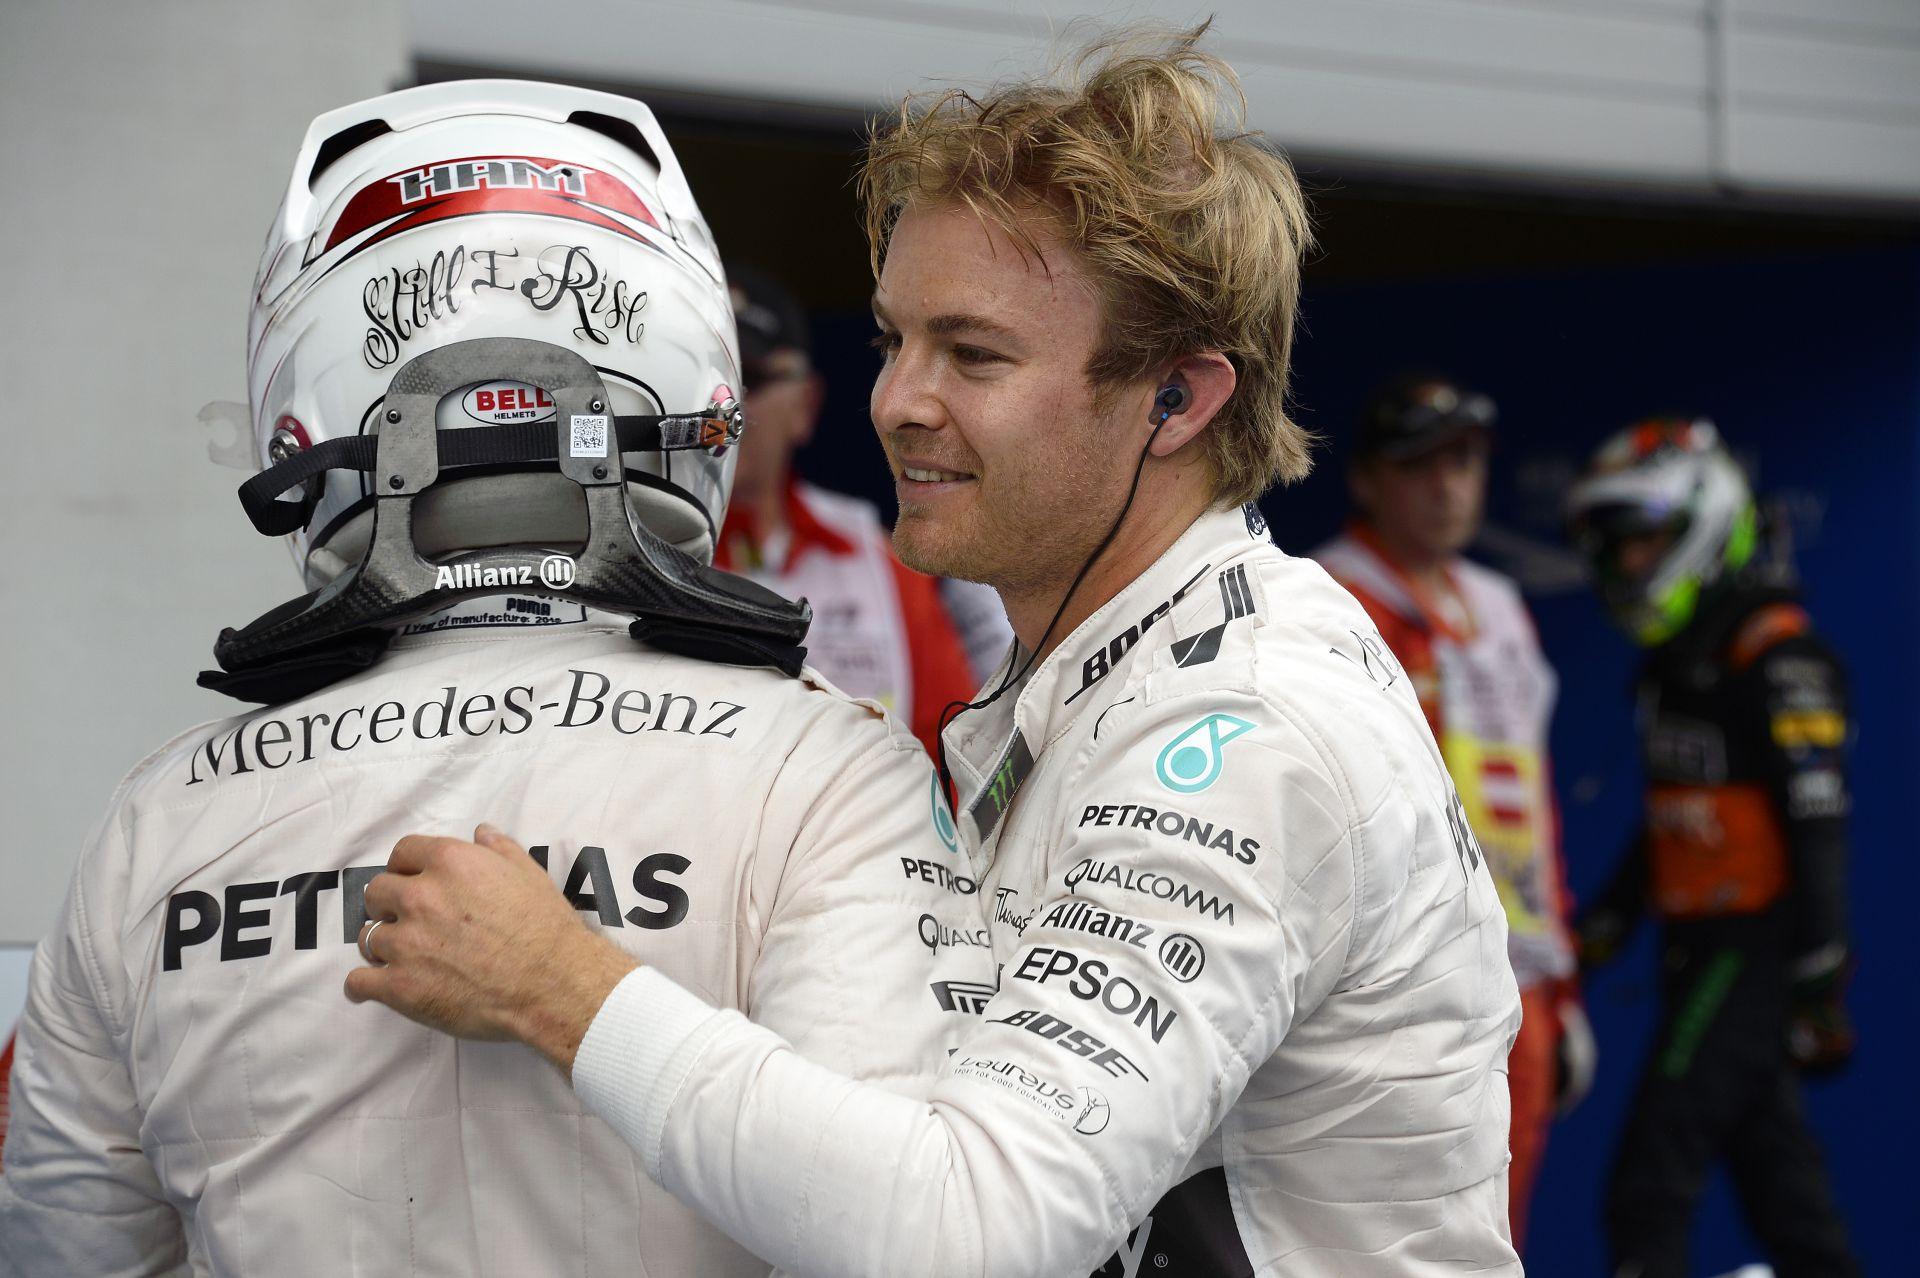 Hamilton Vs. Rosberg a Magyar Nagydíjon: Ennyivel volt gyorsabb a brit a németnél